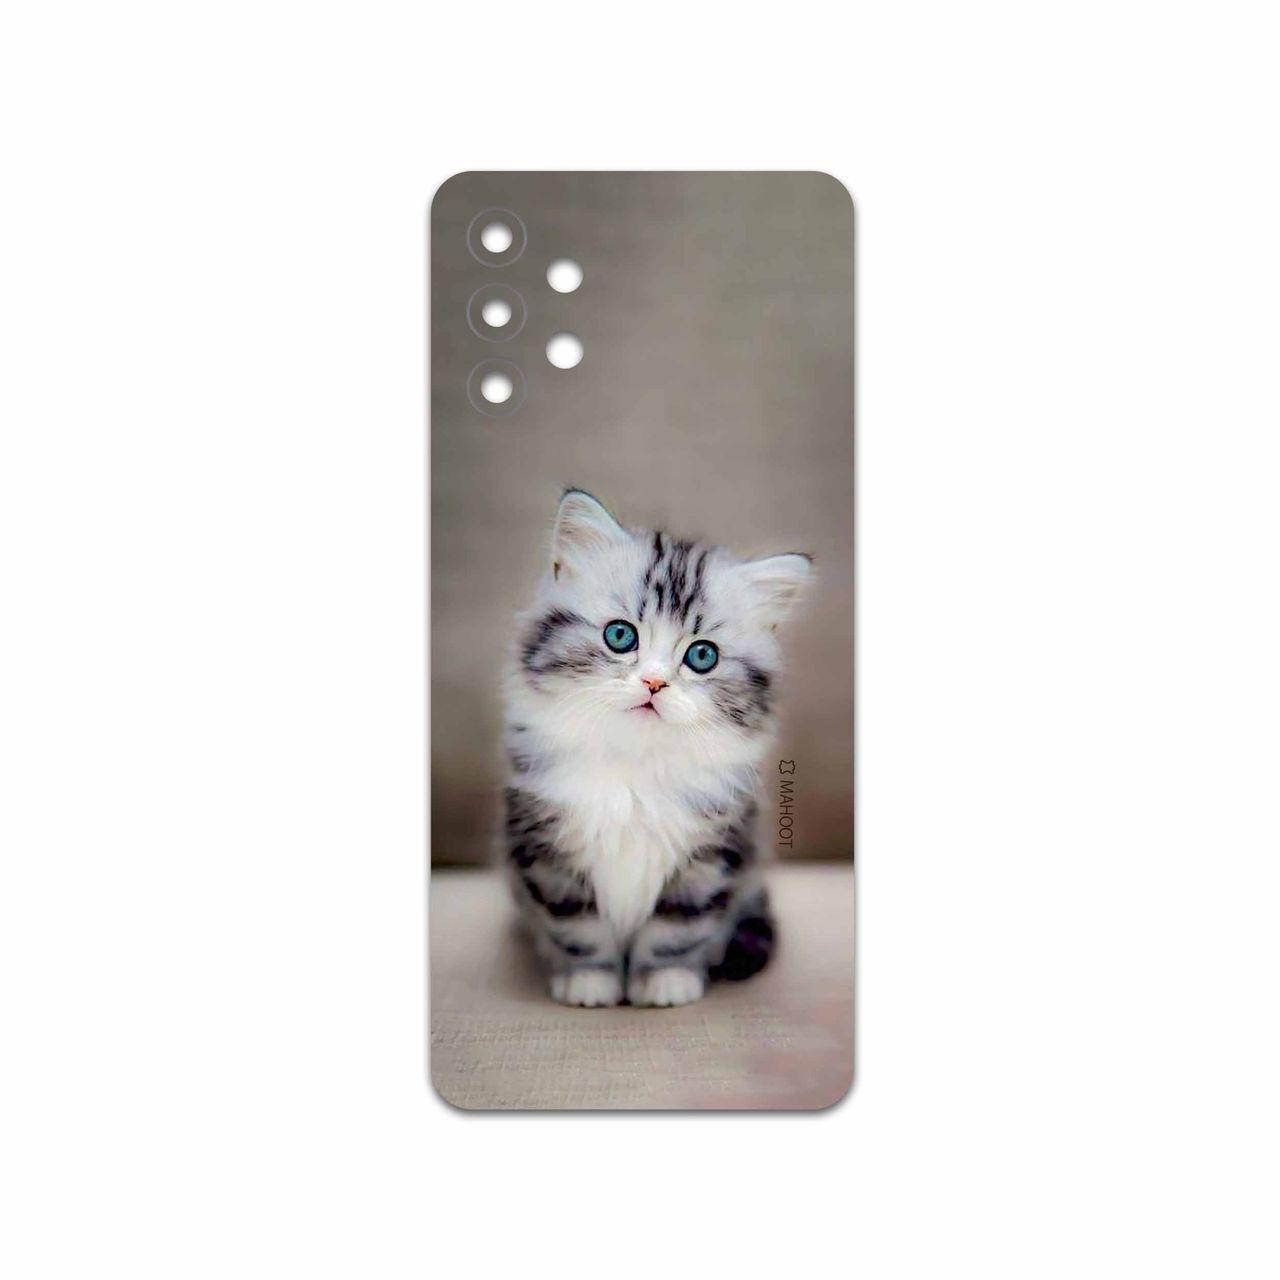 برچسب پوششی ماهوت مدل Cat-2 مناسب برای گوشی موبایل سامسونگ Galaxy A32 5G